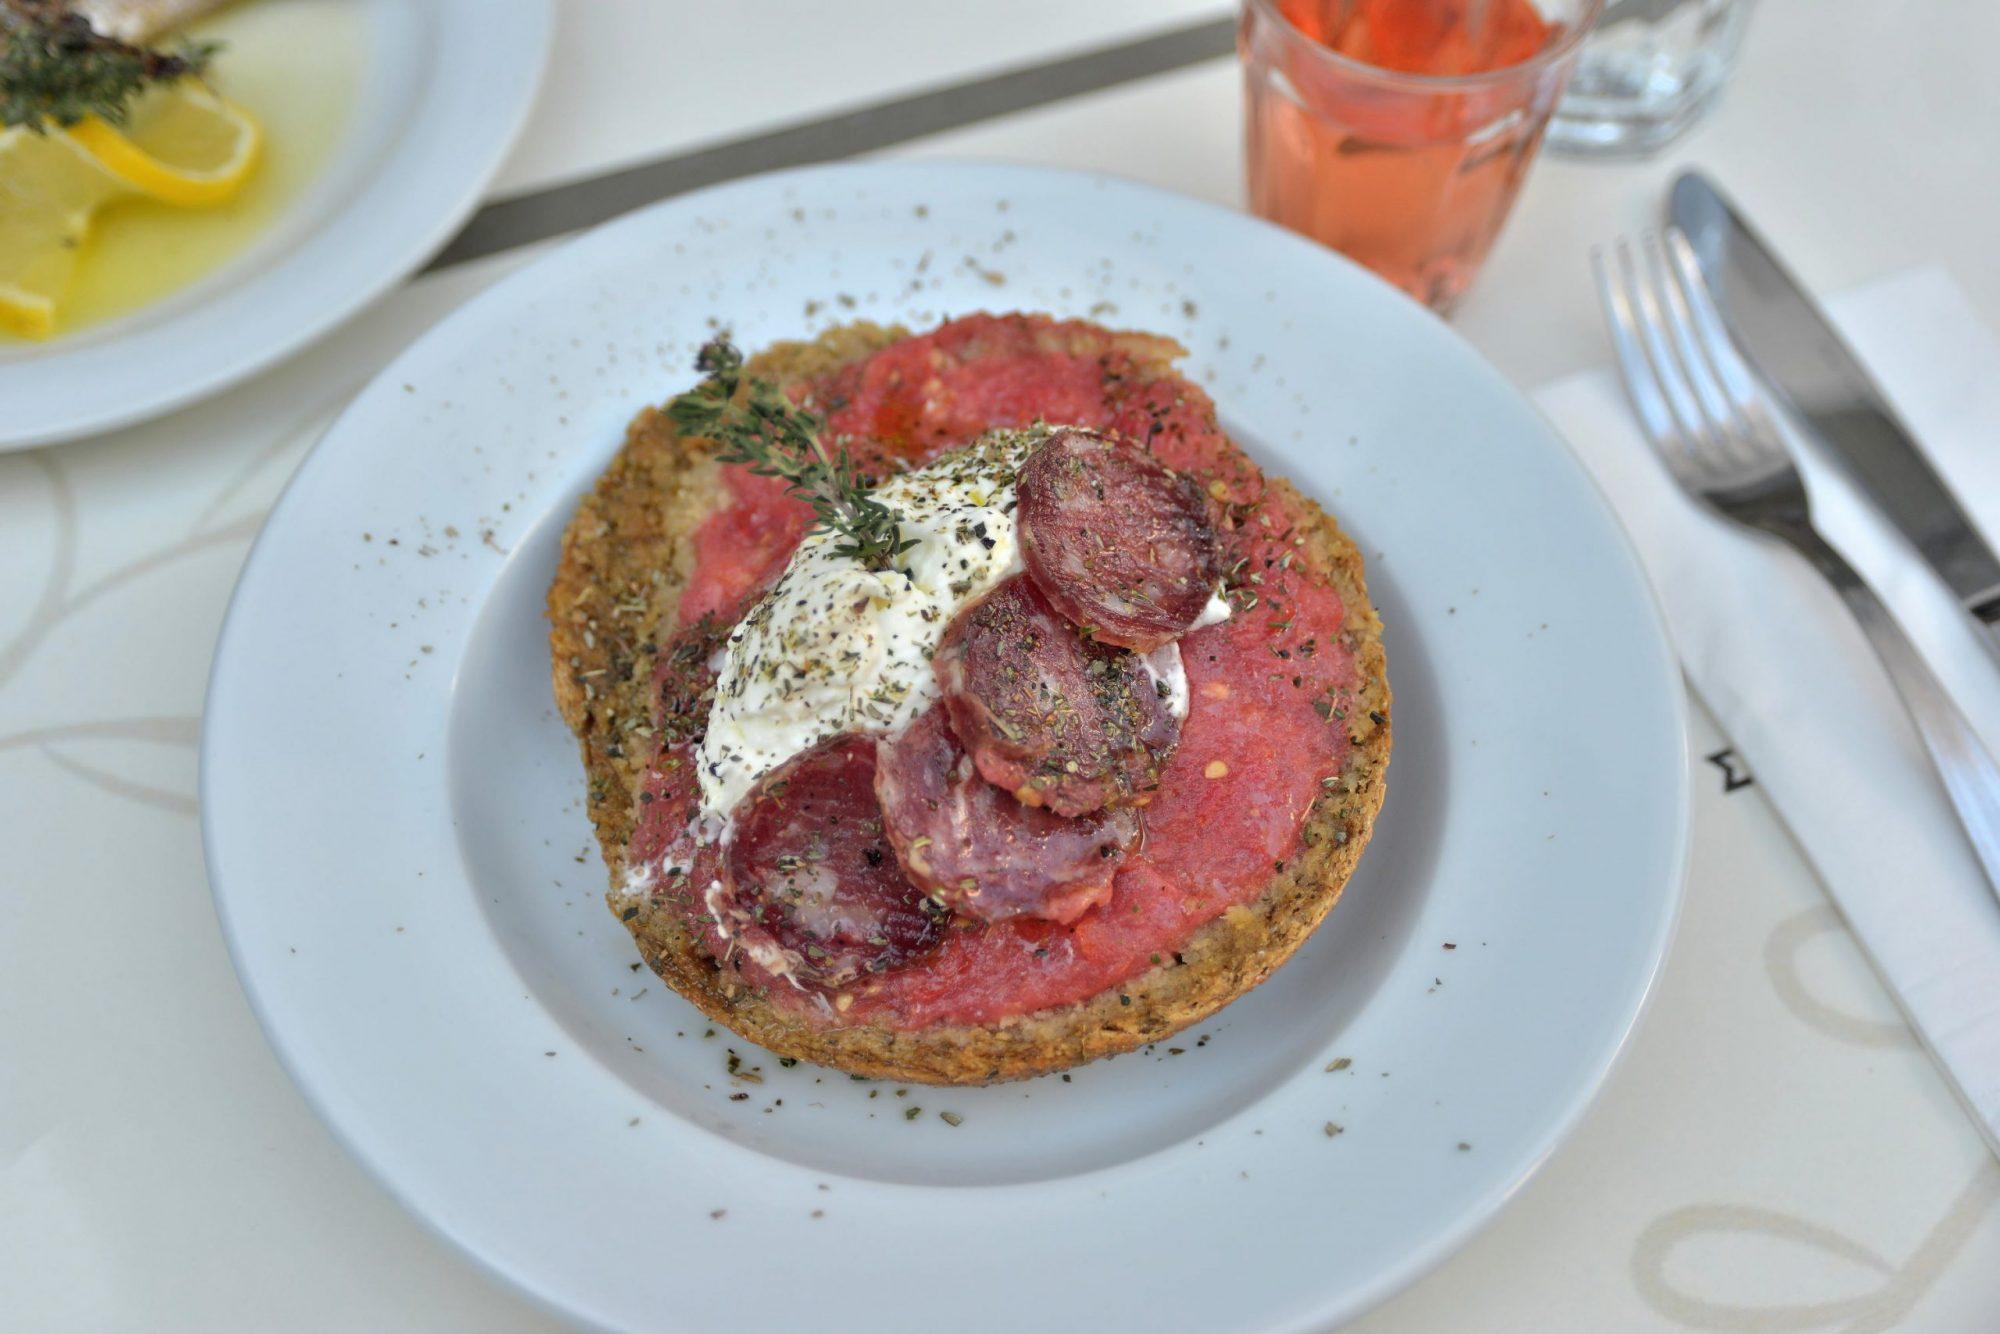 Δοκιμάσαμε αυθεντικά ελληνικές γεύσεις στο κέντρο της πόλης